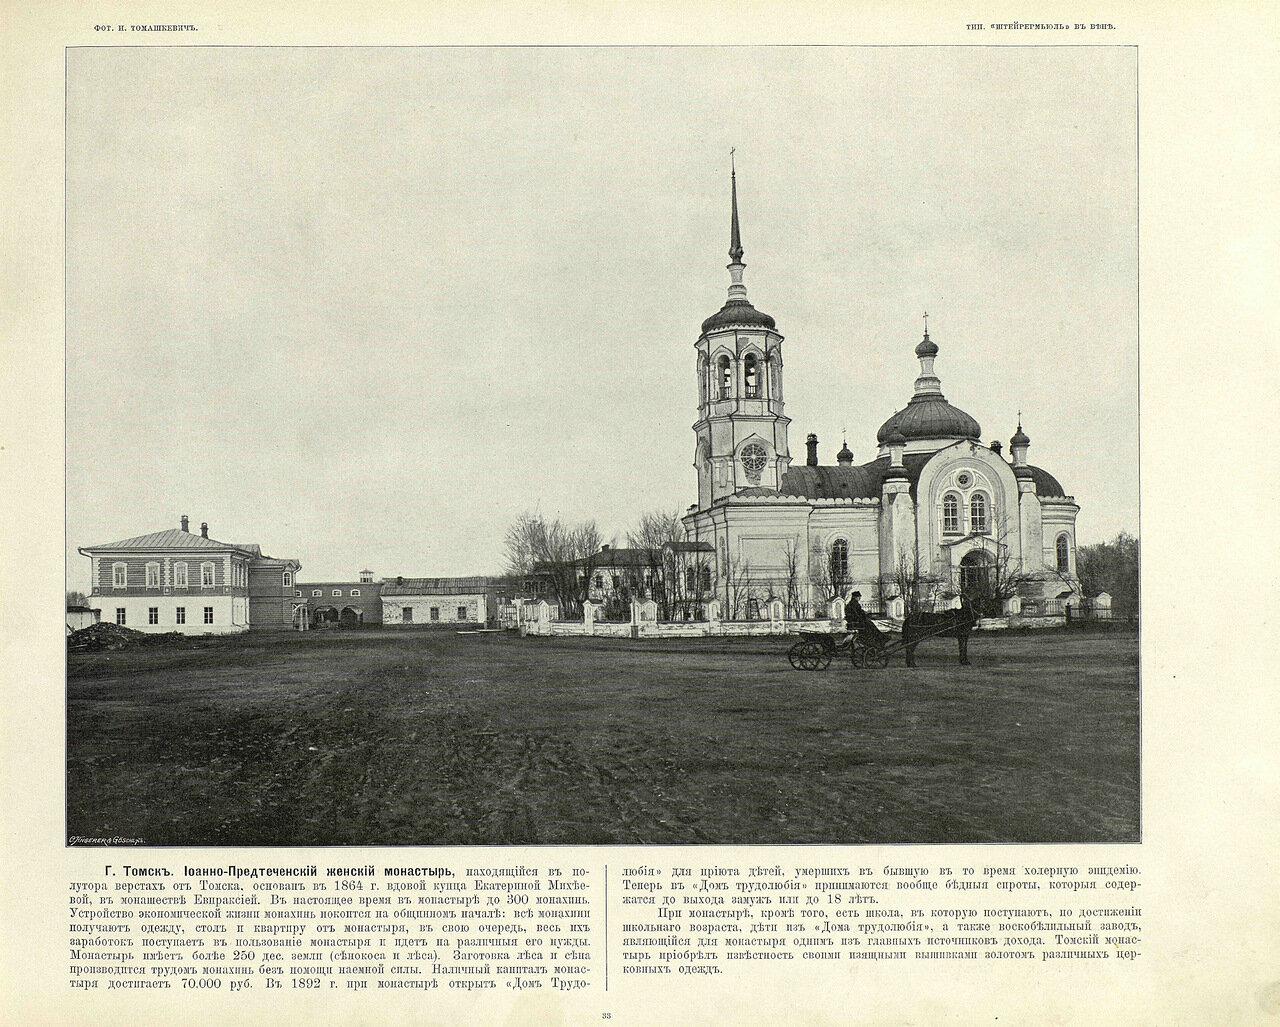 33. Томск. Иоанно-Предтеченский женский монастырь